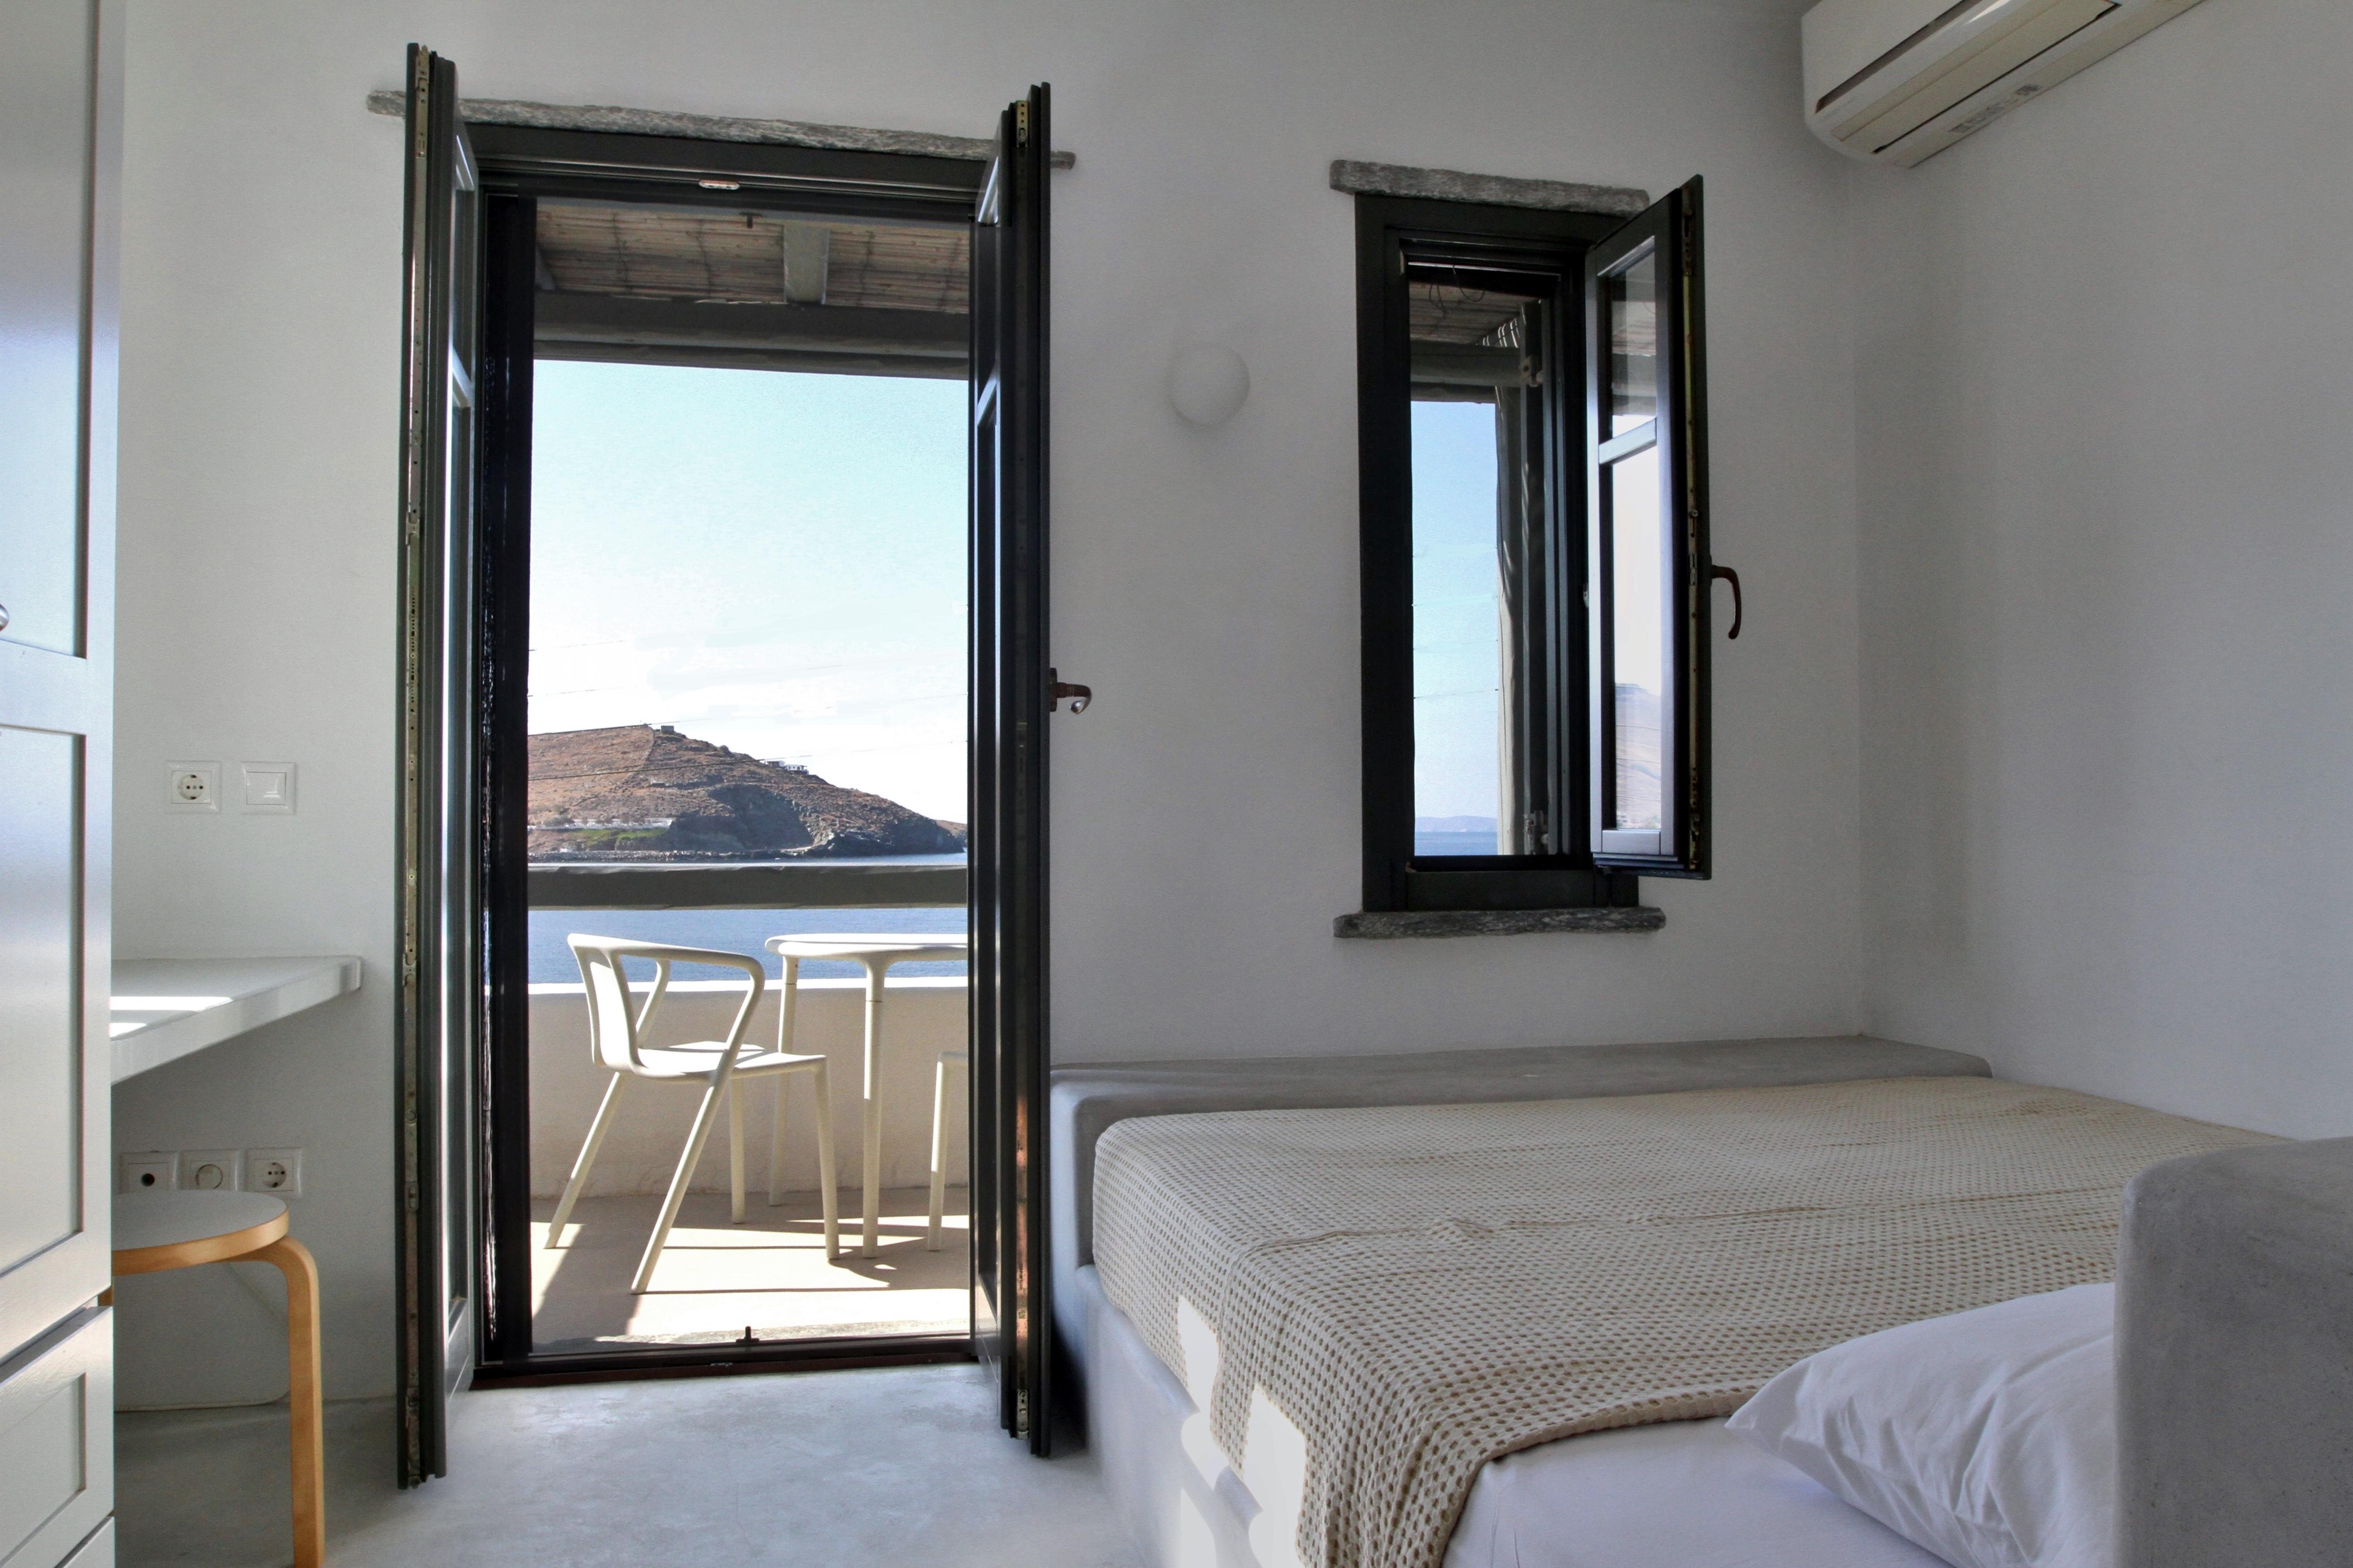 Υπνοδωμάτιο με θέα